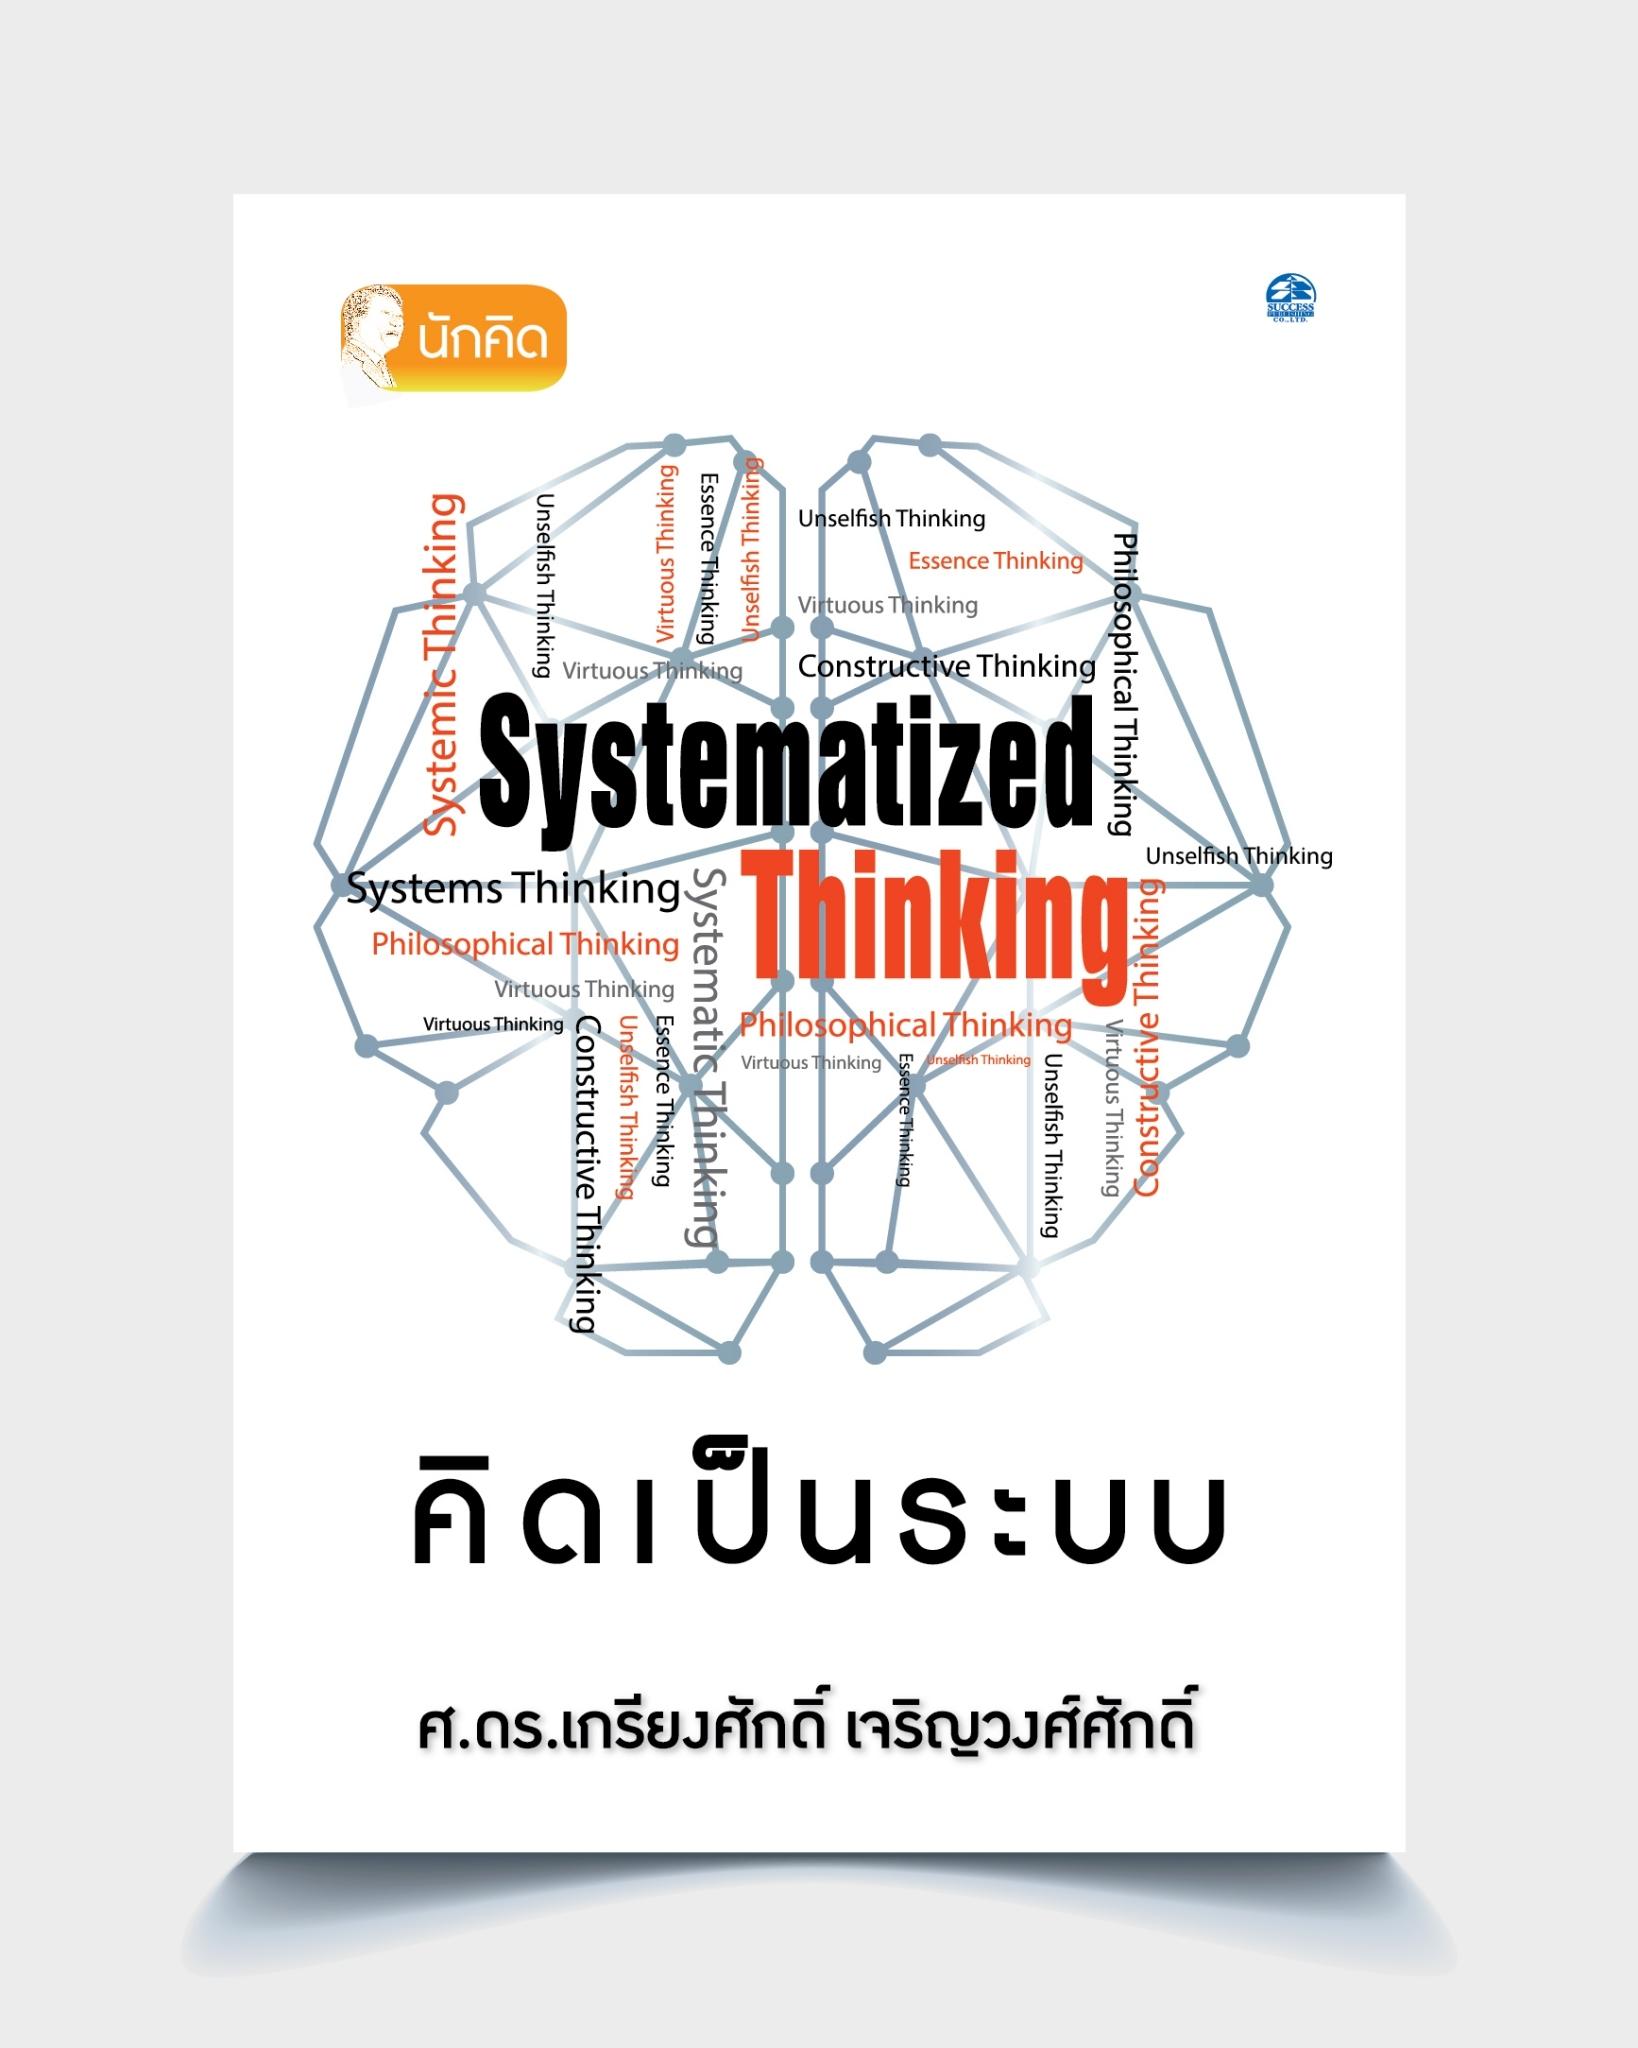 คิดเป็นระบบ